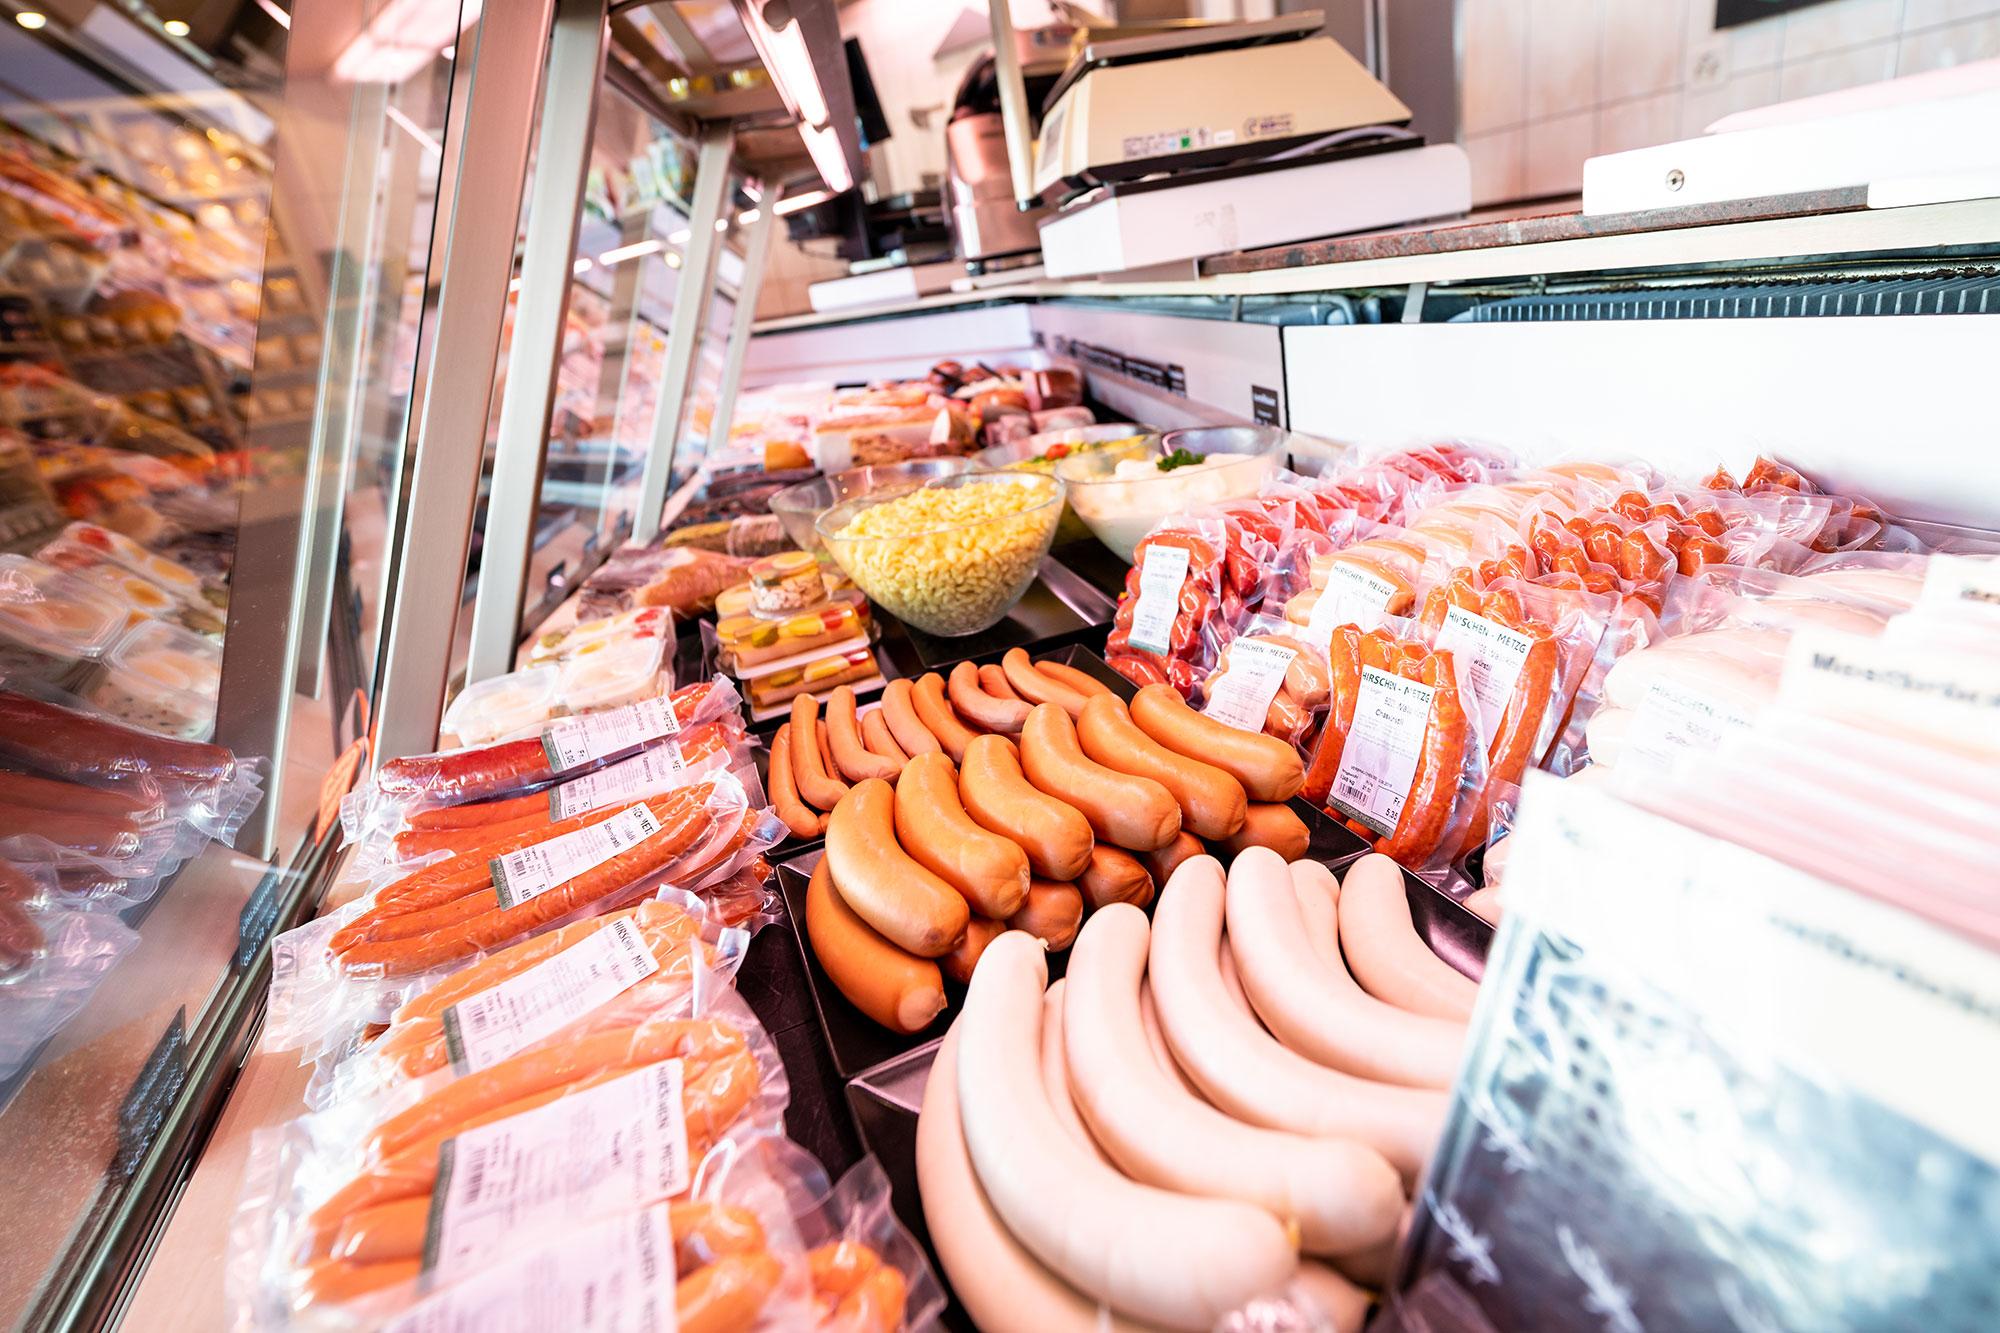 Hirschen Metzg Fleisch-Auslage in der Metzgerei